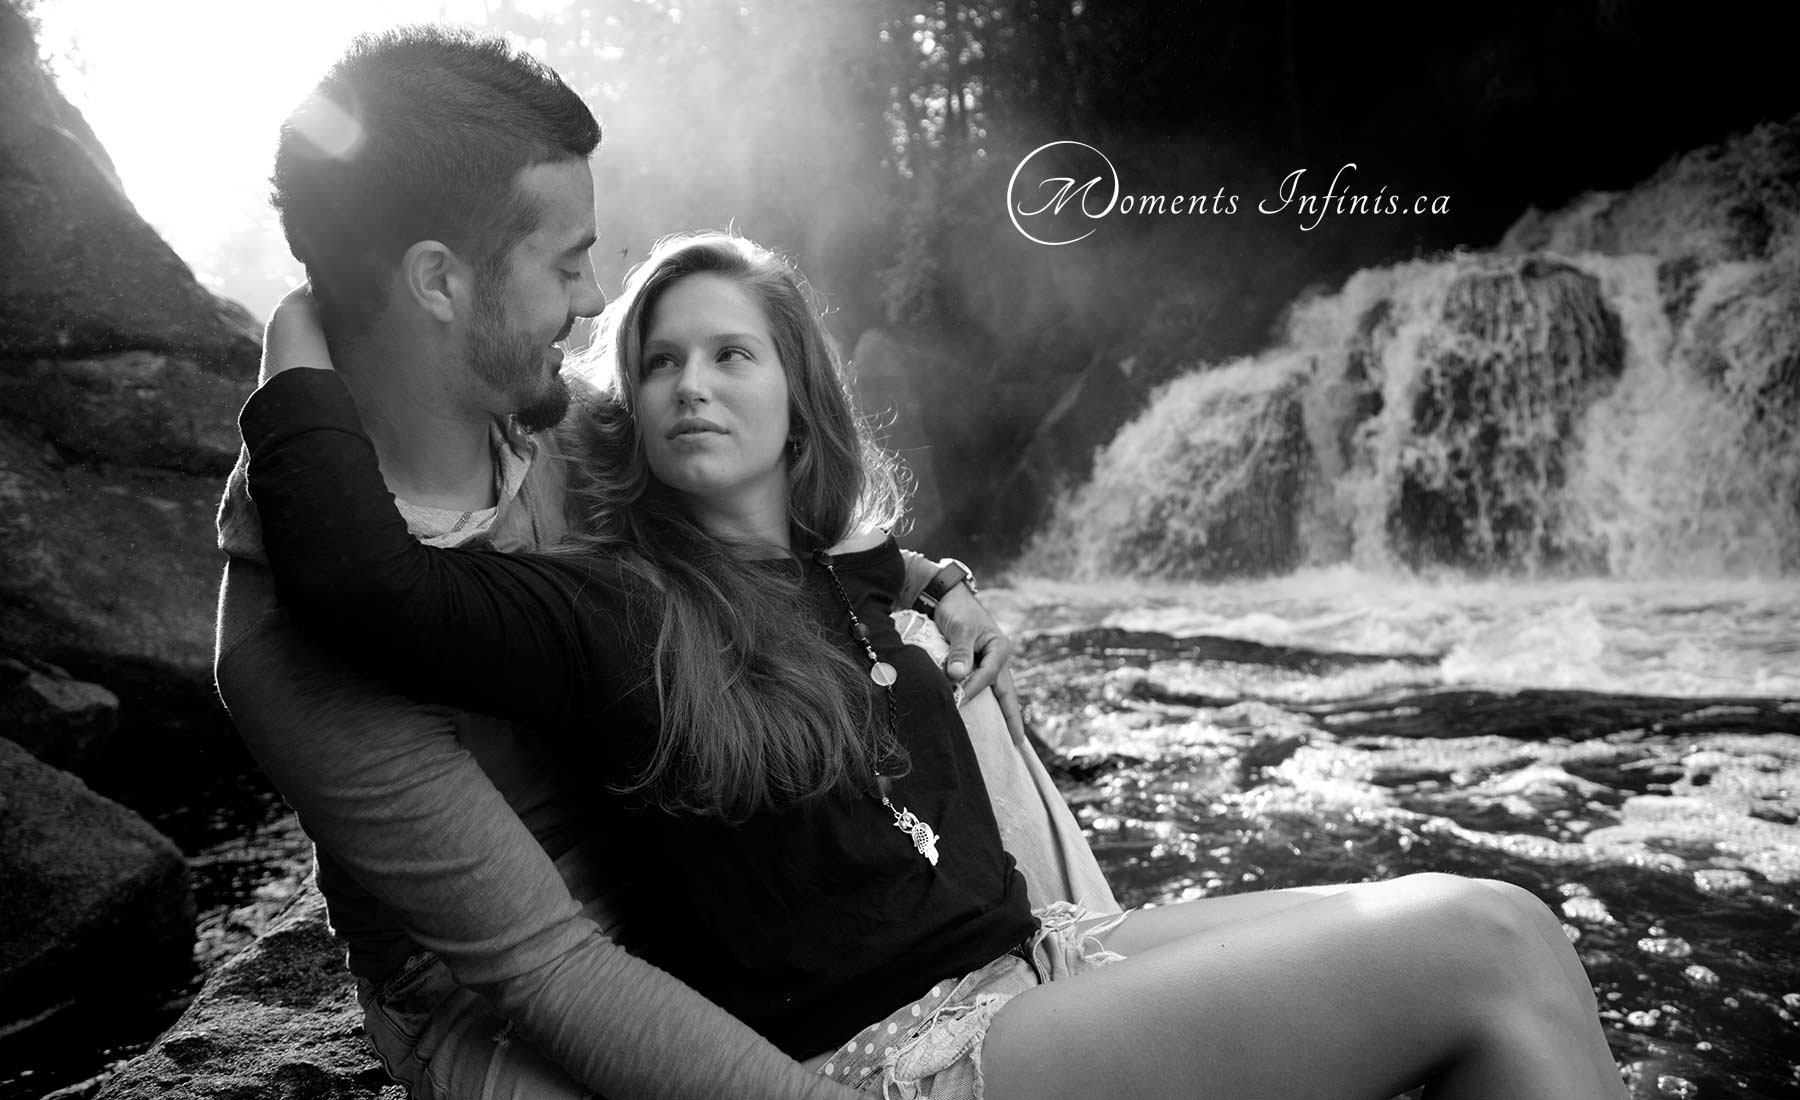 couple_1800x1100_1